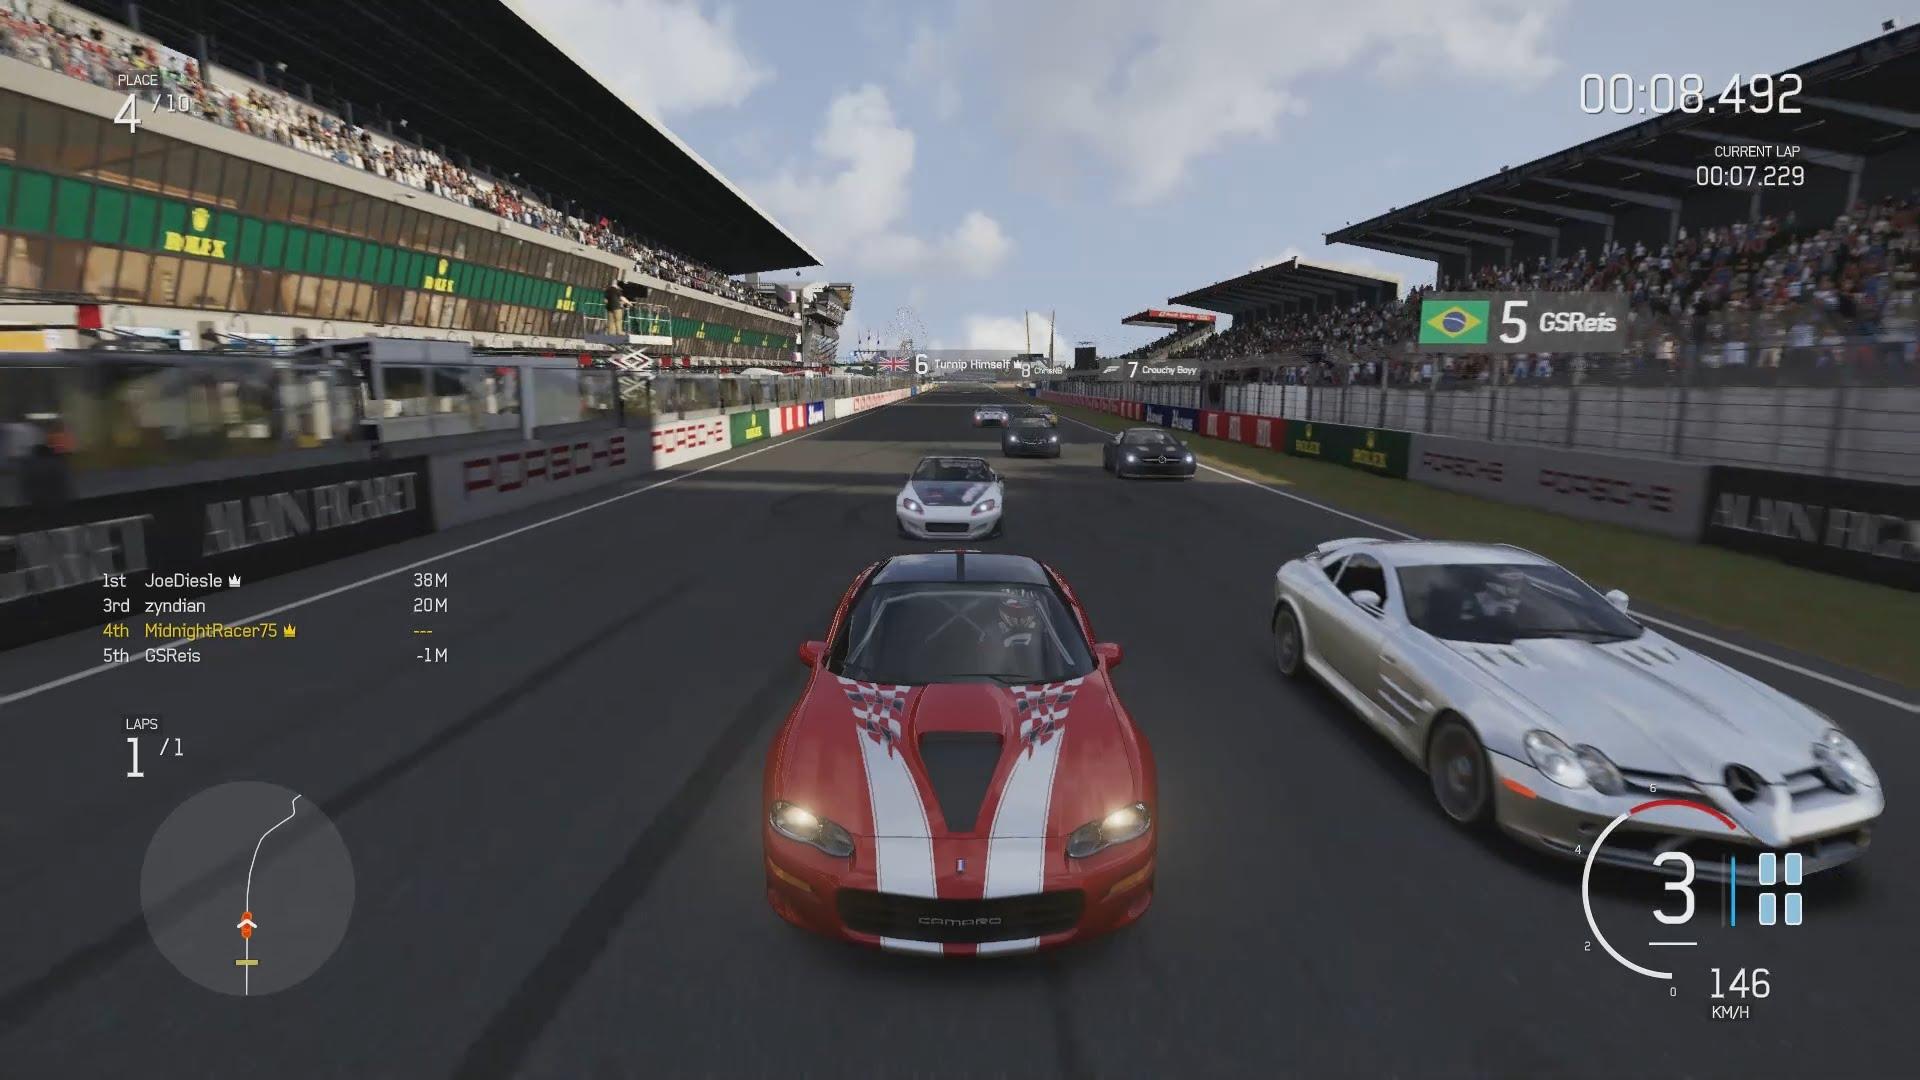 Forza Motorsport 6: The Return of Lemans Full